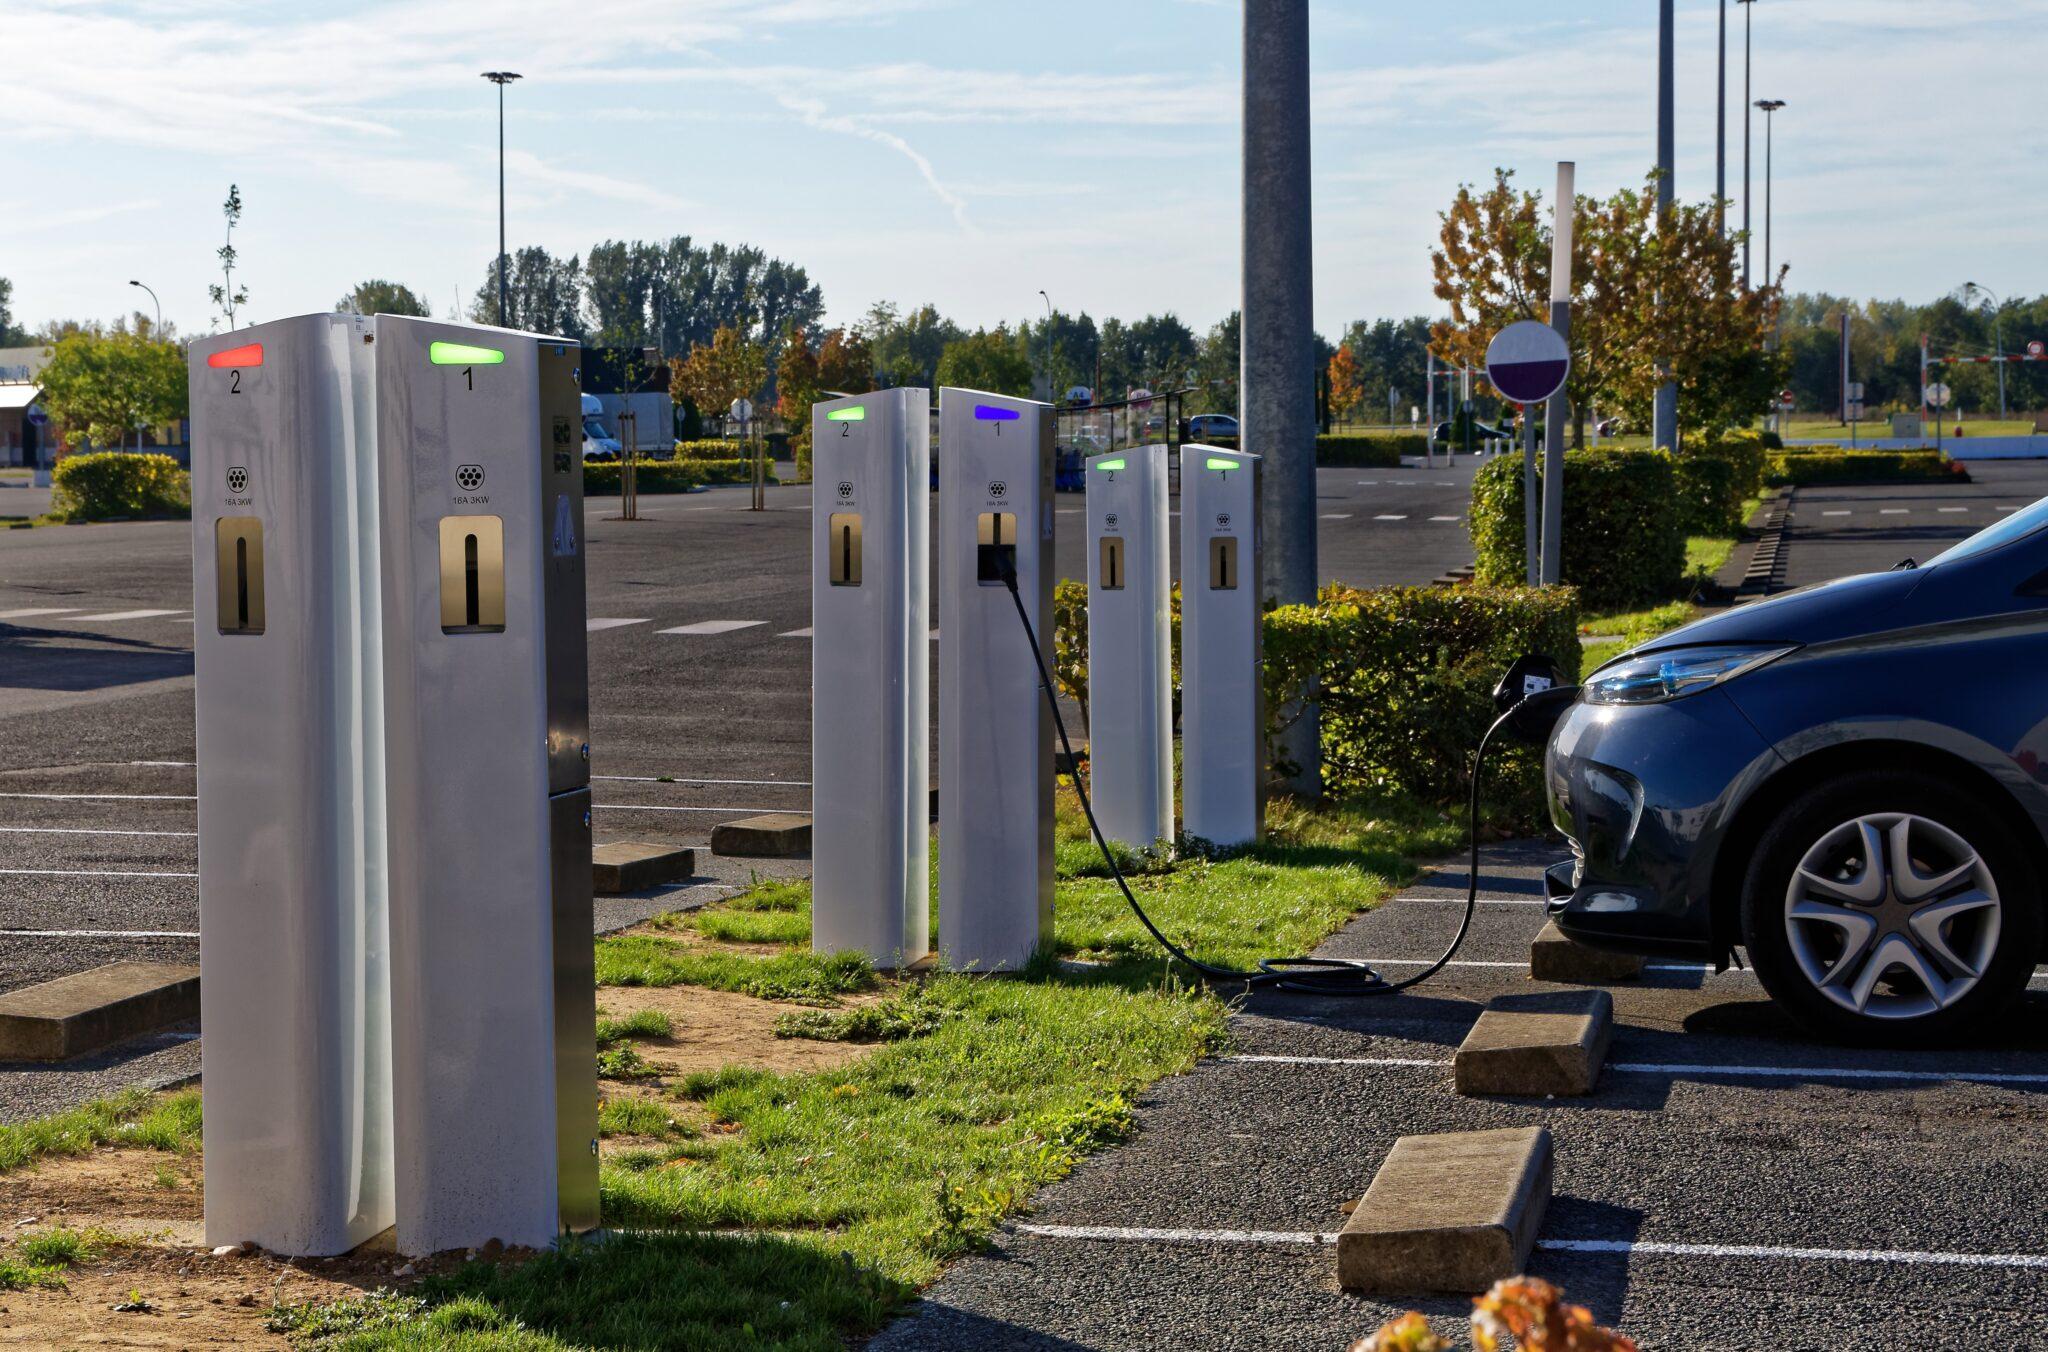 Bornes de recharge électriques pour véhicules sur inovallée : un groupe de travail se met en place !